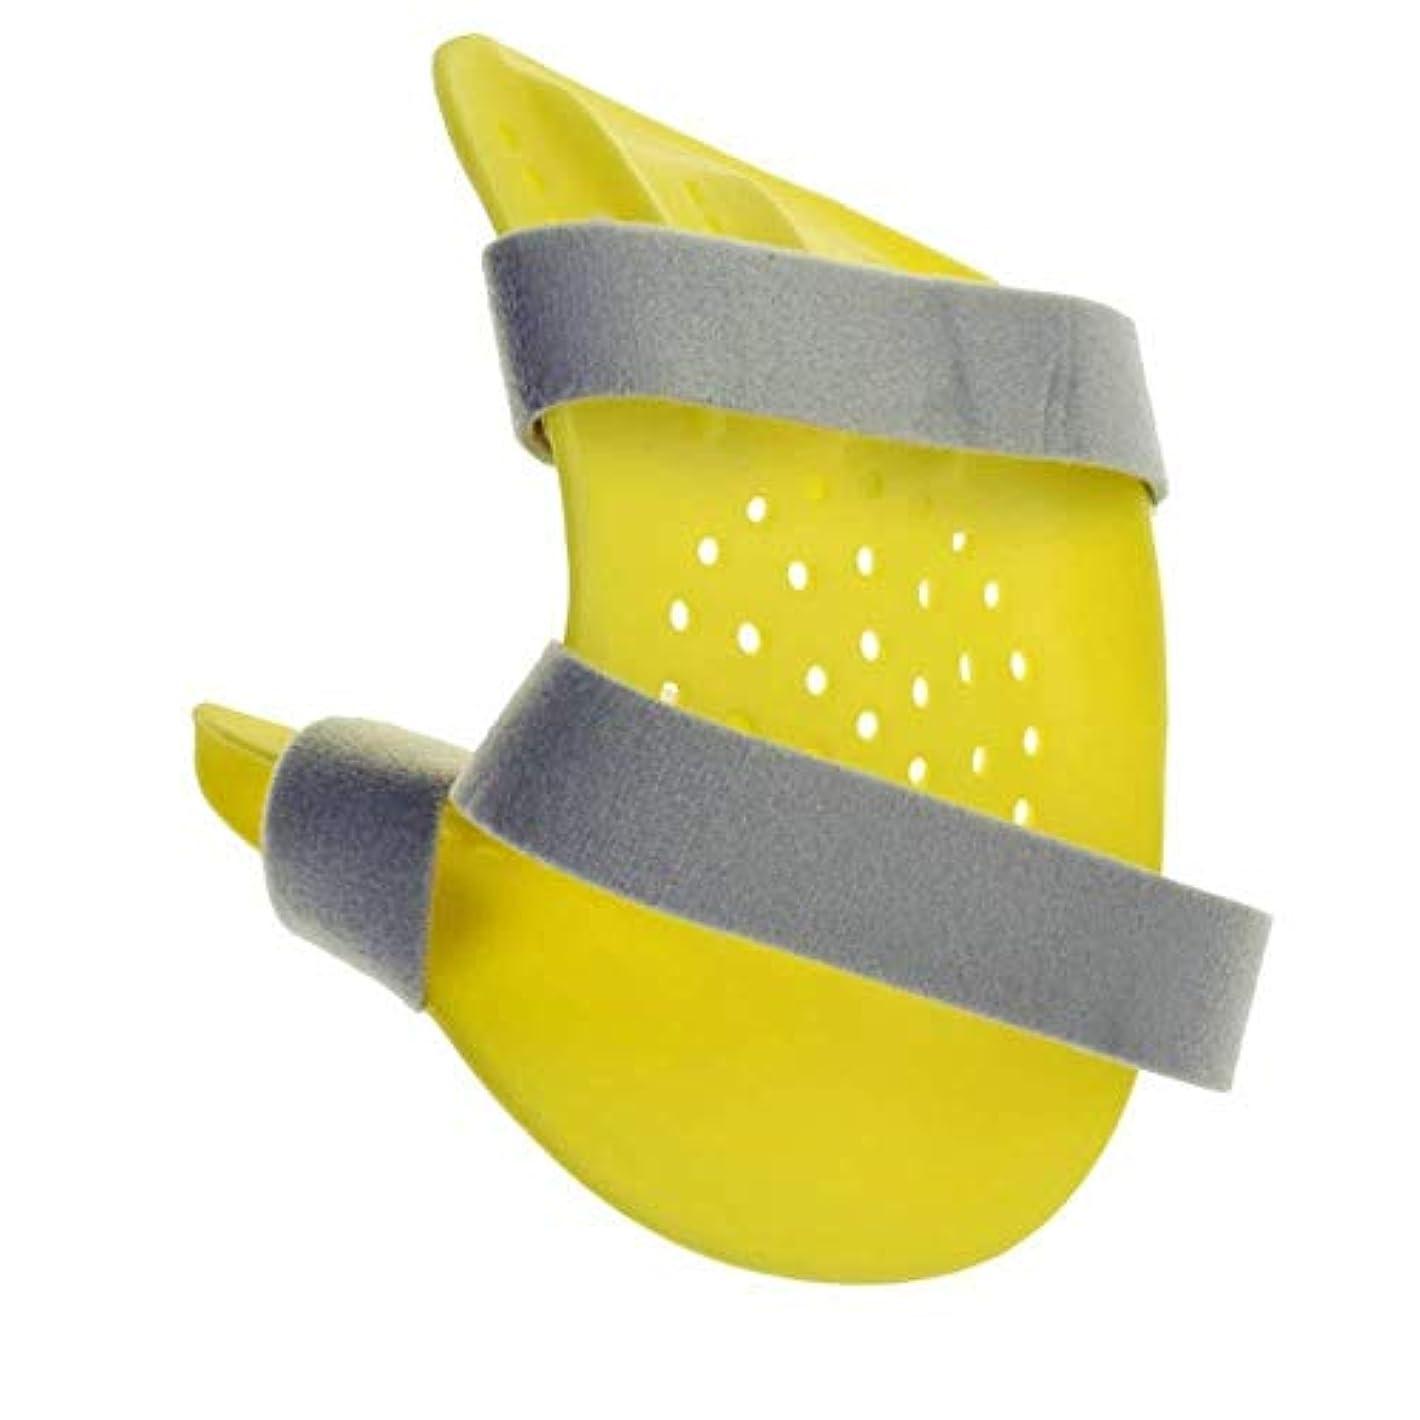 落ち込んでいる文芸発明関節炎脳卒中片麻痺リハビリテーションのための指の添え木、セパレーター矯正器、ハンドリストトレーニング装具装具サポート (Color : Right)